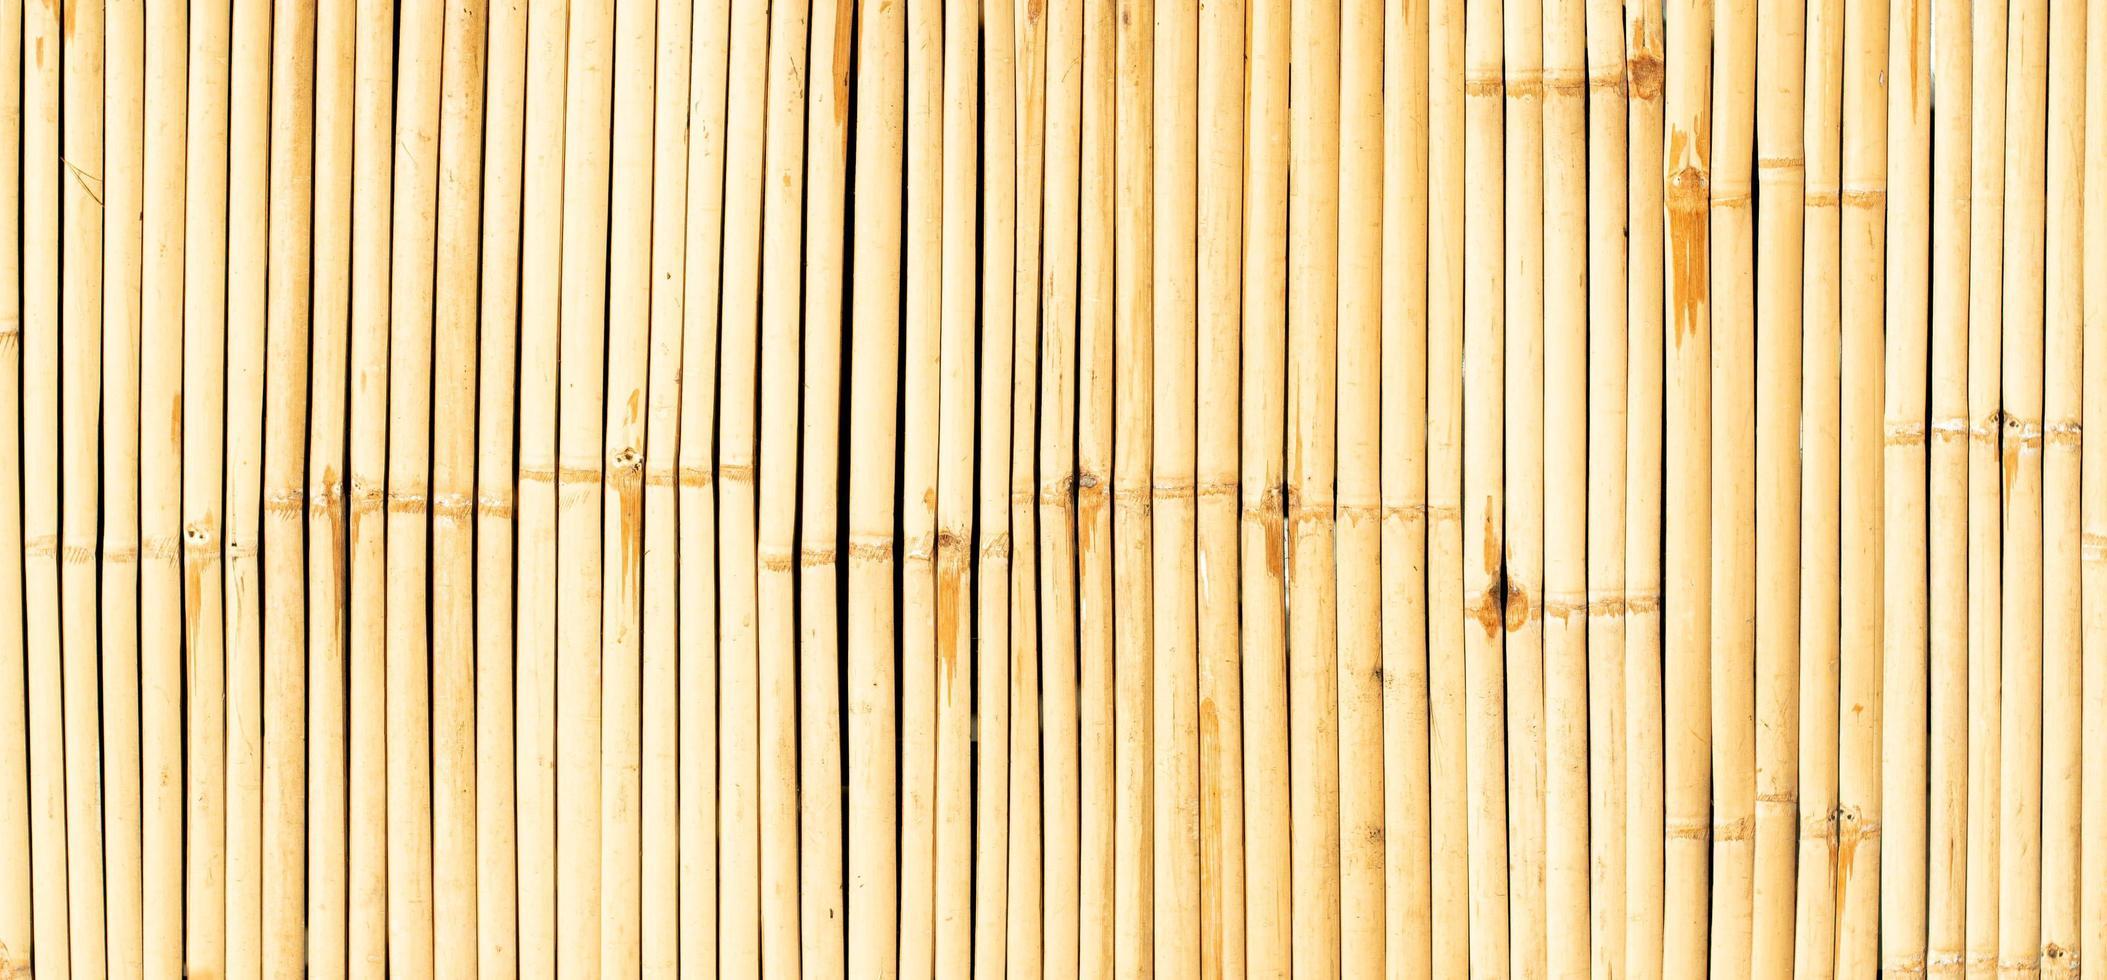 sfondo trasparente di bambù muro giallo foto